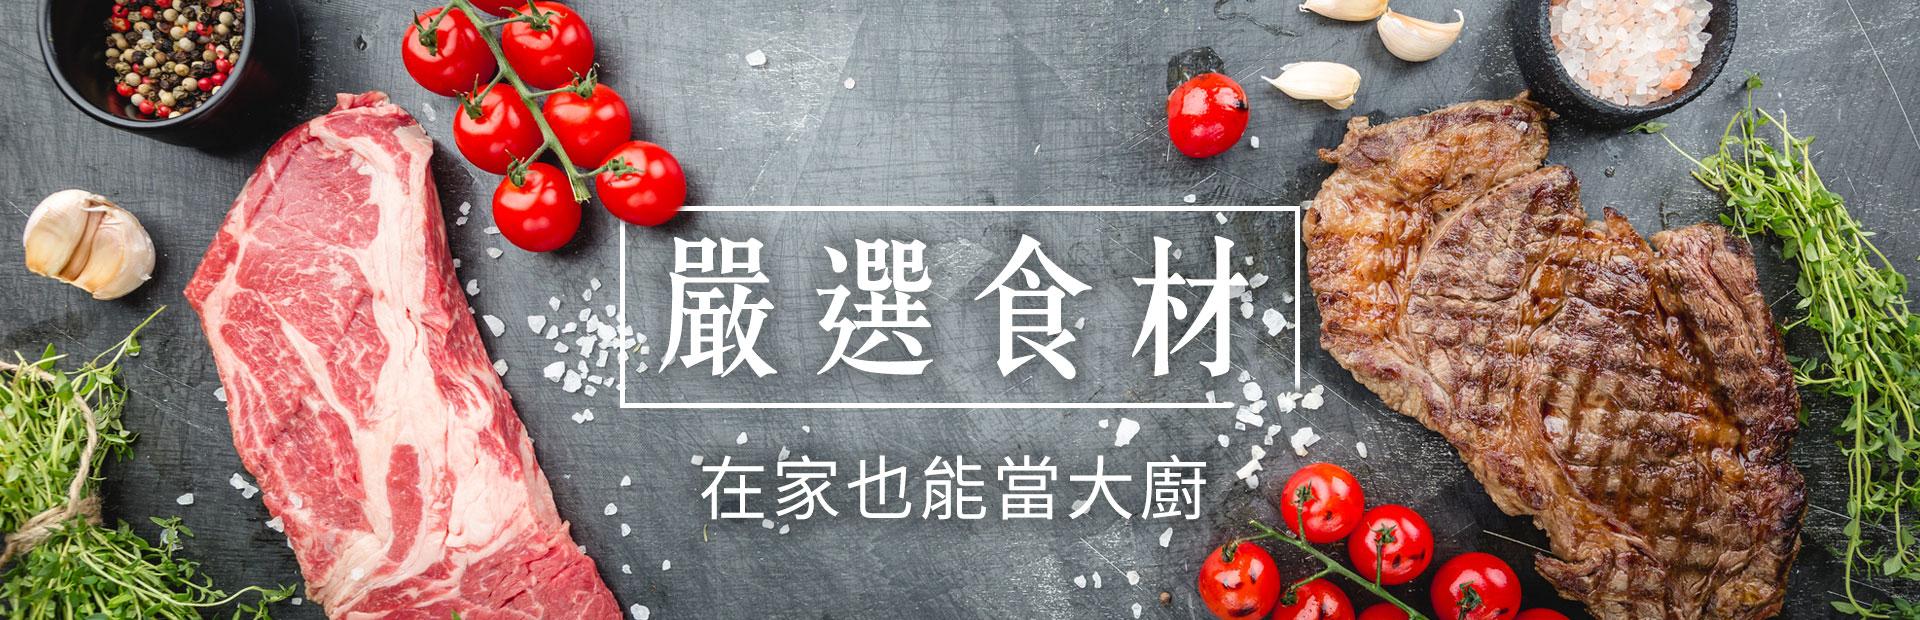 生鮮食材料理下廚煮烹炒炸